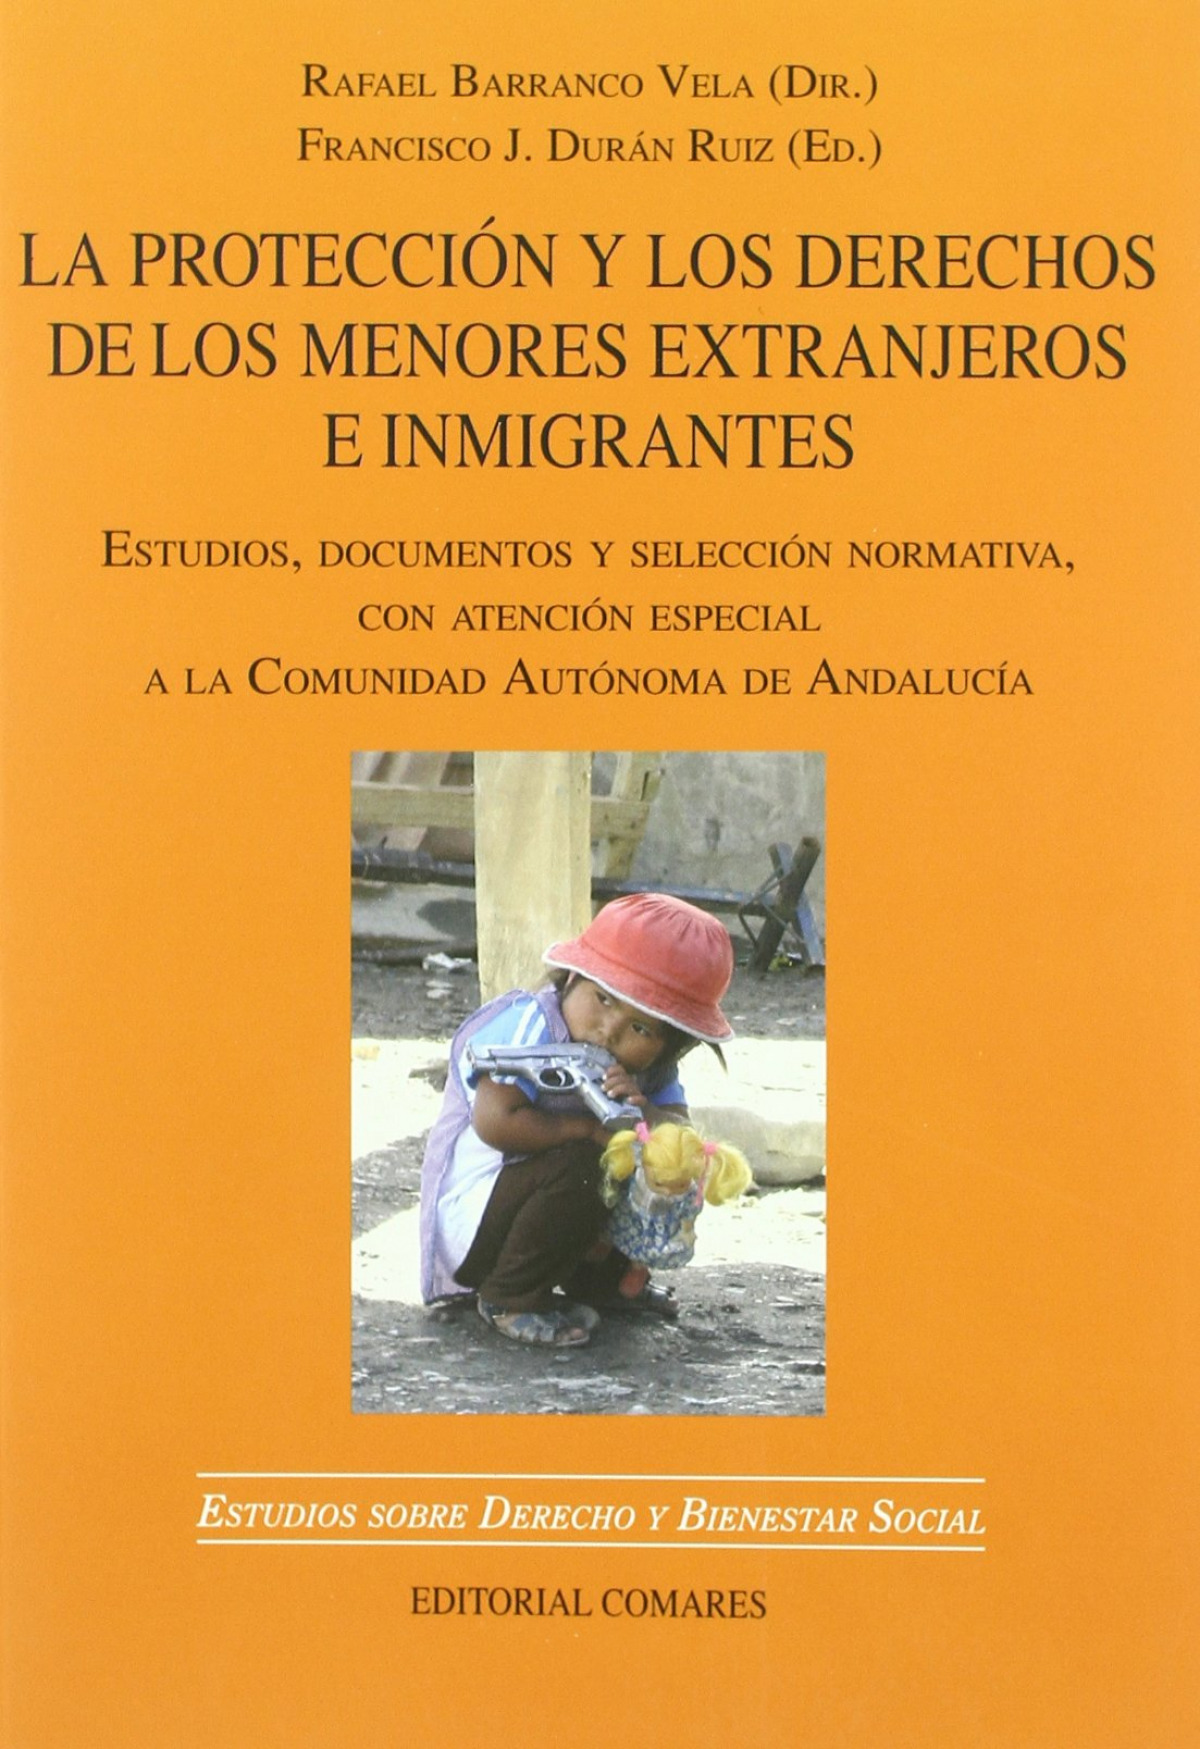 La proteccion y los derechos de los menores extranjeros e inmigrantes - Barranco Vela, Rafael